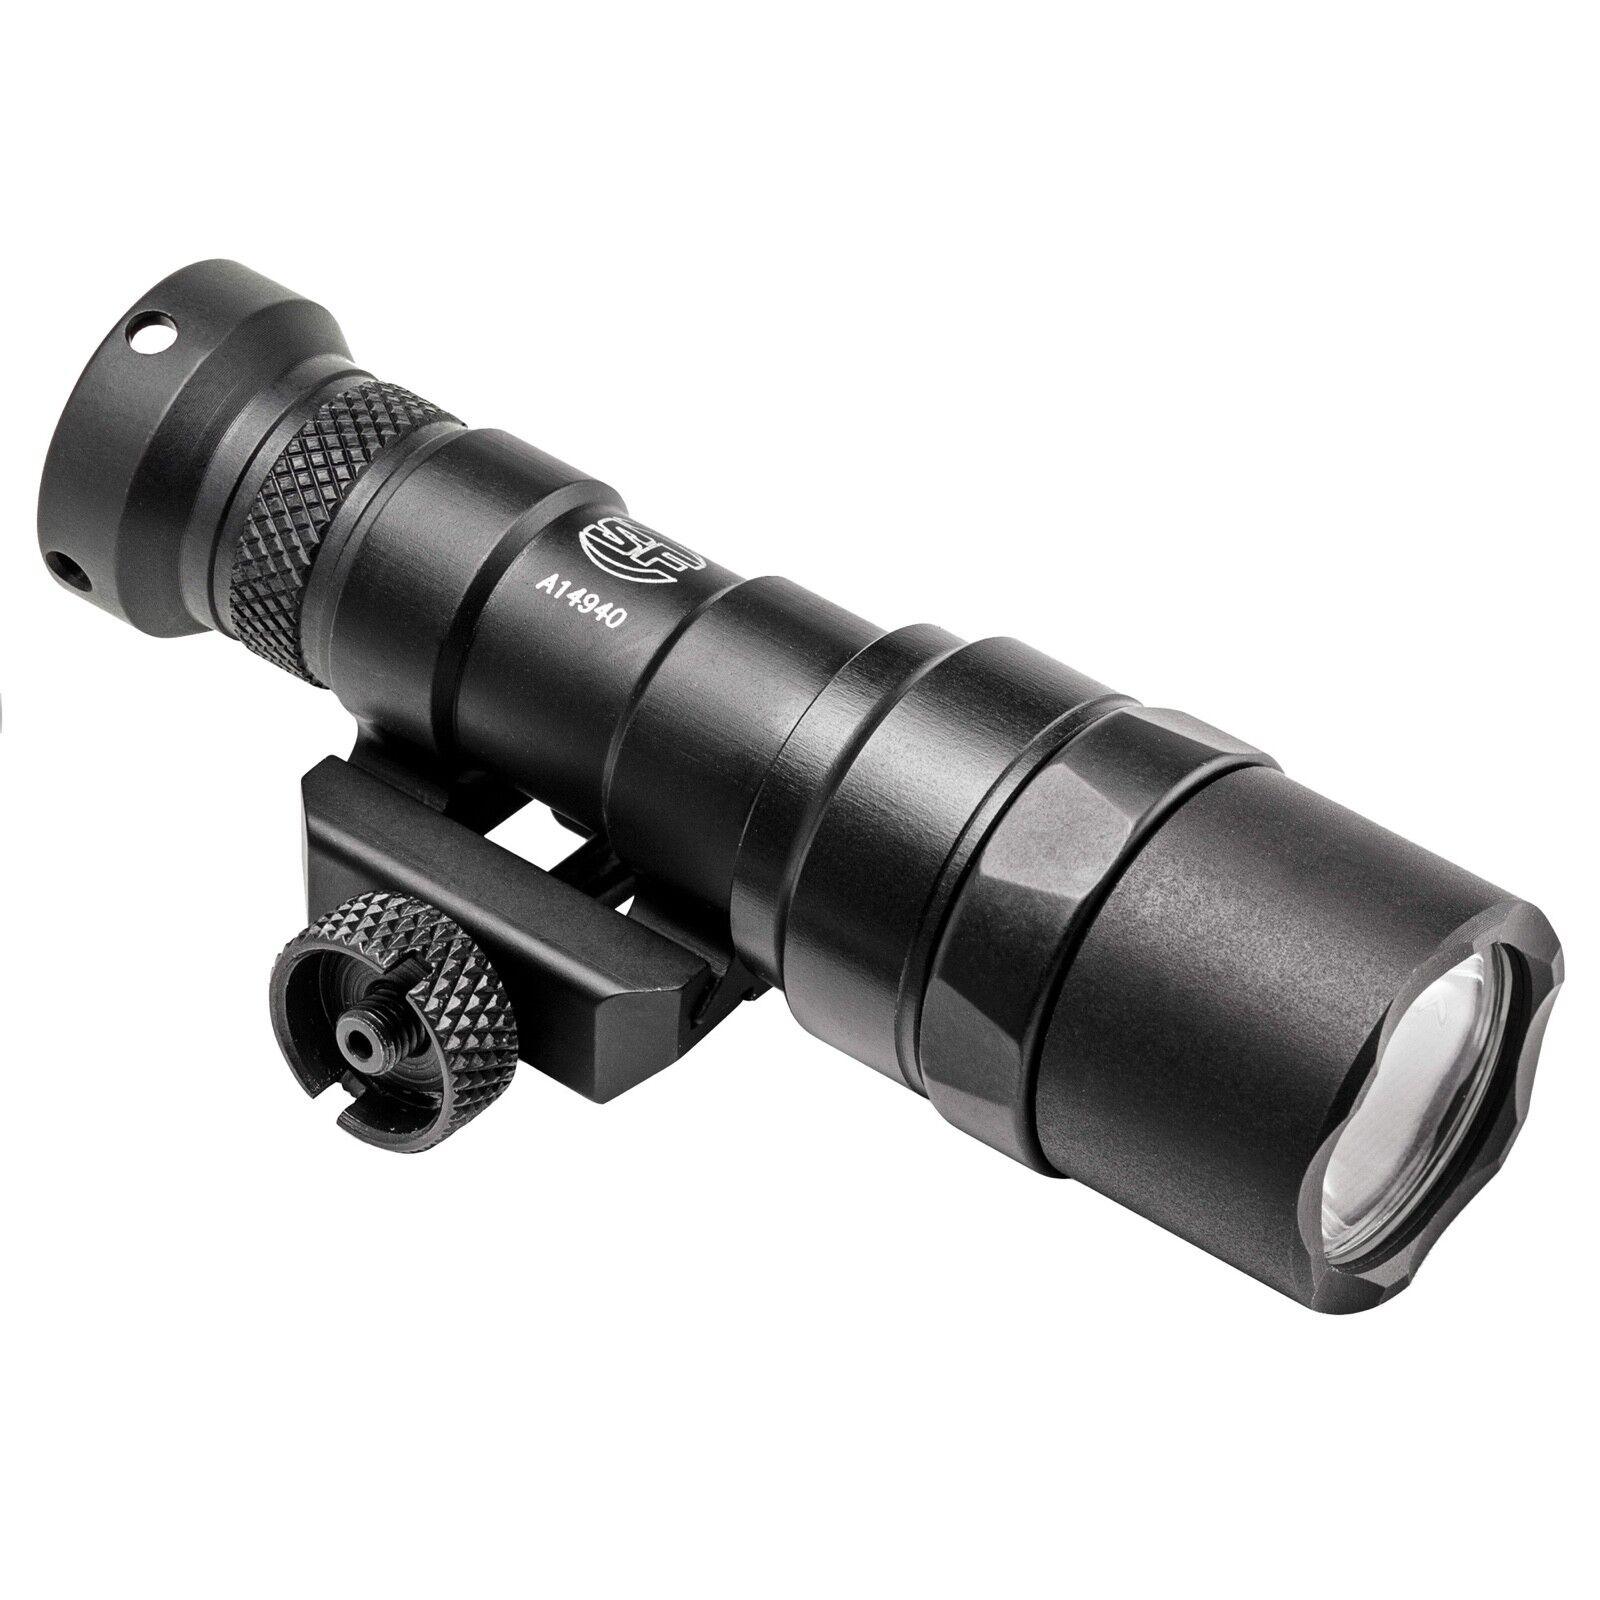 SureFire M300 Mini Scout Weapon Light Torch 500 Lumens M300C-Z68-BK